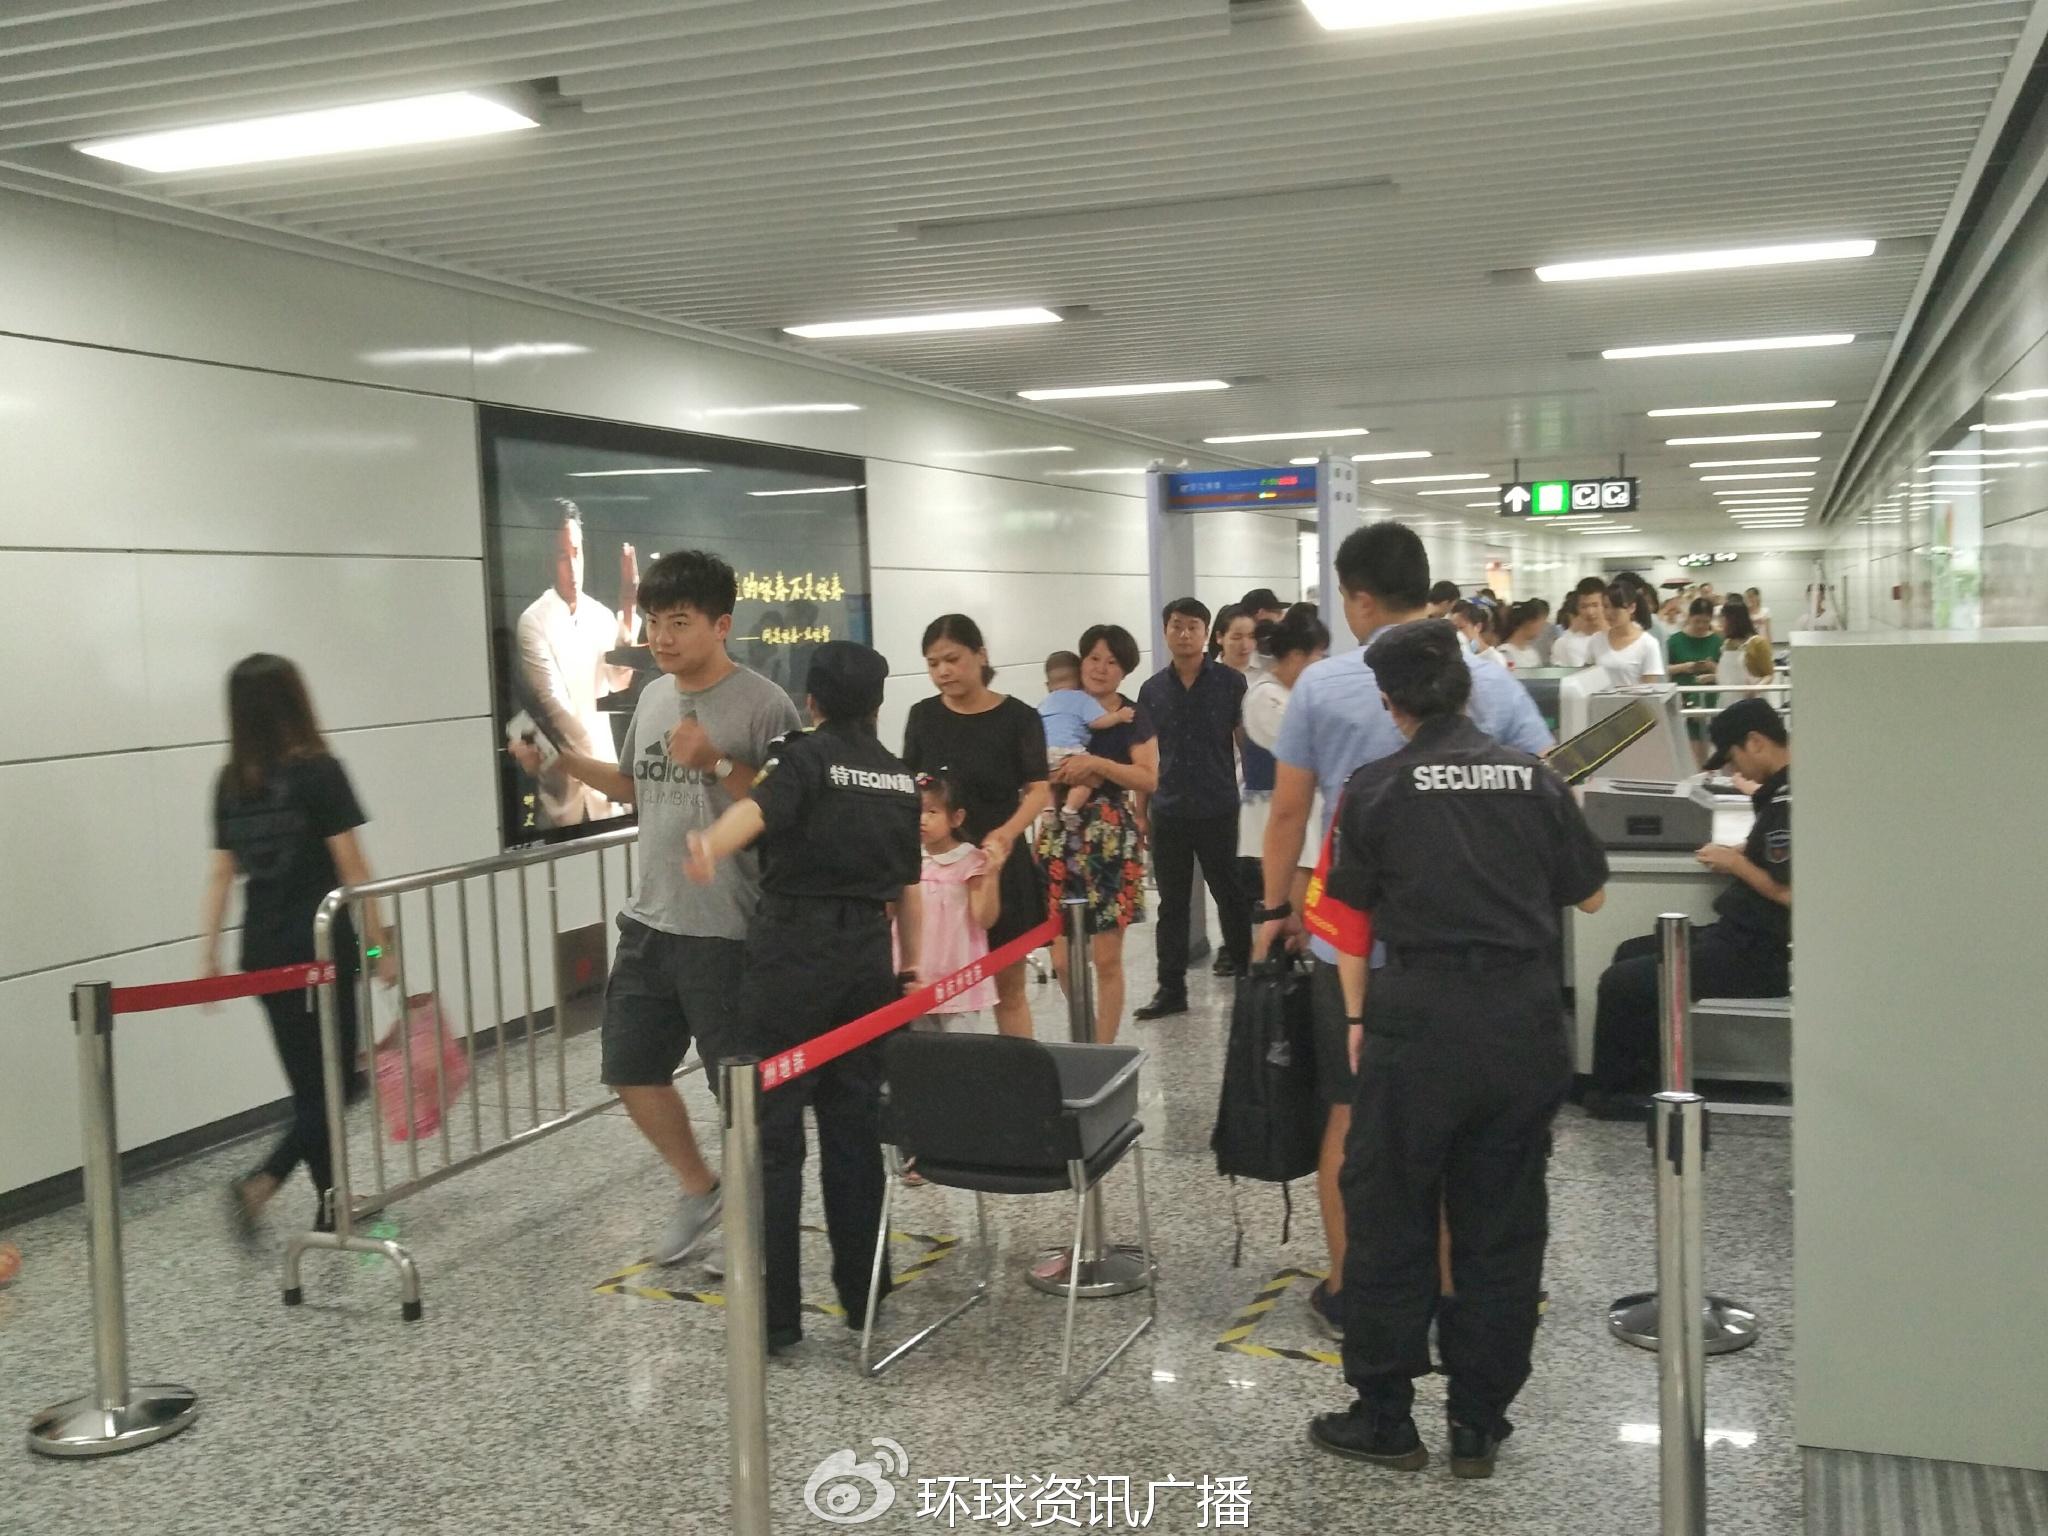 地铁安检_福建省英盾保安服务有限公司最新招聘信息